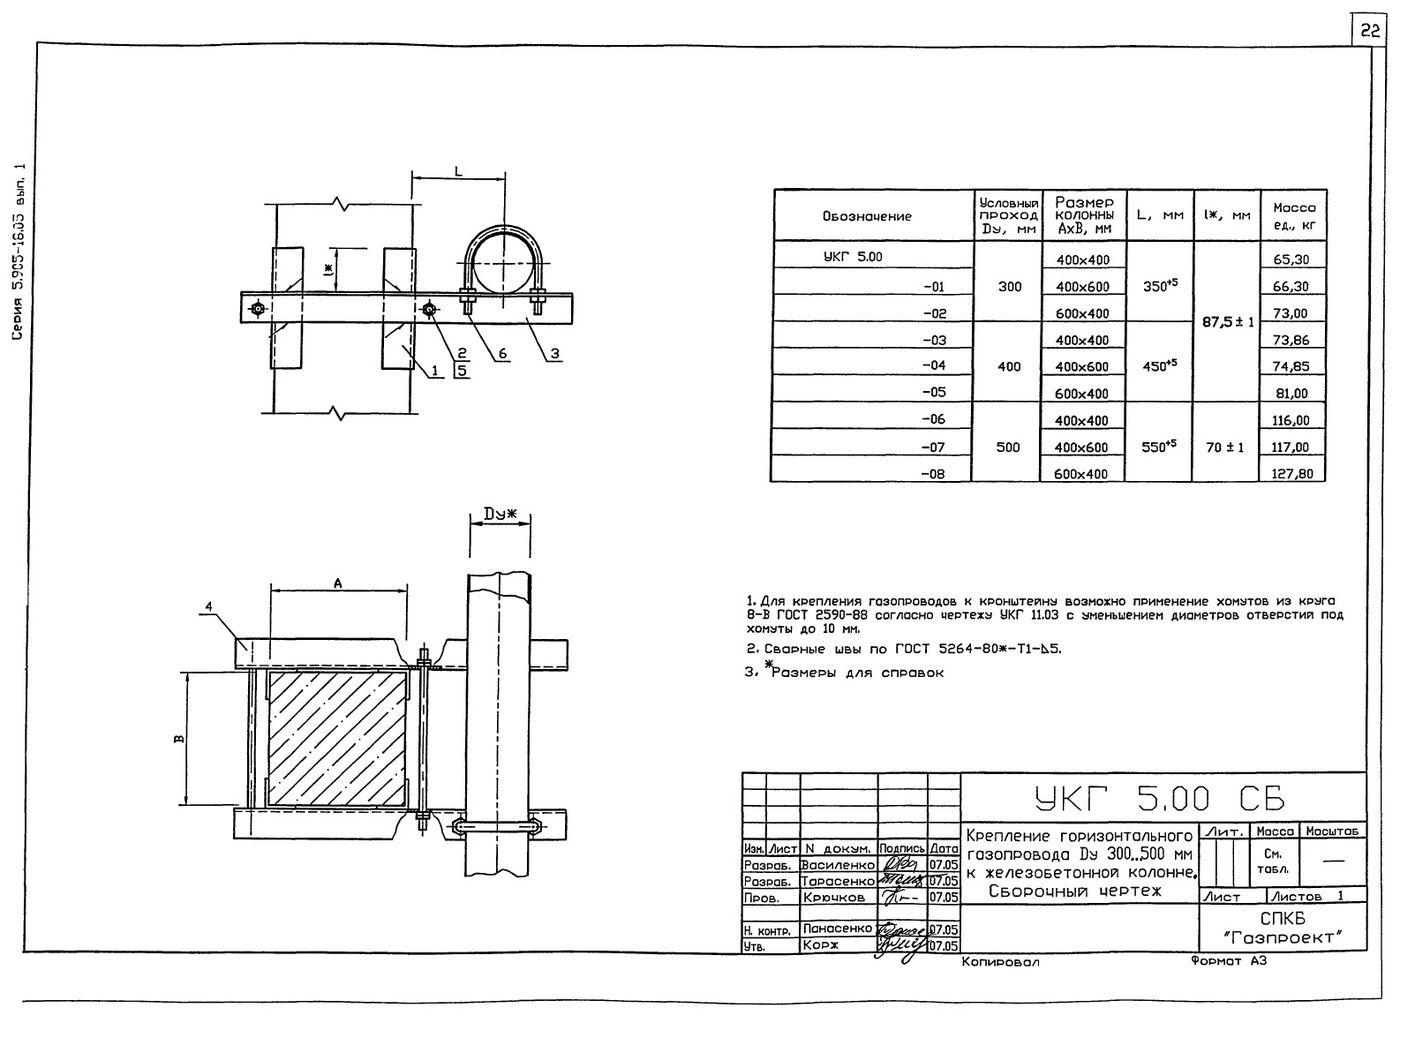 Крепление горизонтального газопровода Ду 300...500 мм к железобетонной колонне УКГ 5.00 СБ серия 5.905-18.05 выпуск 1 стр.1